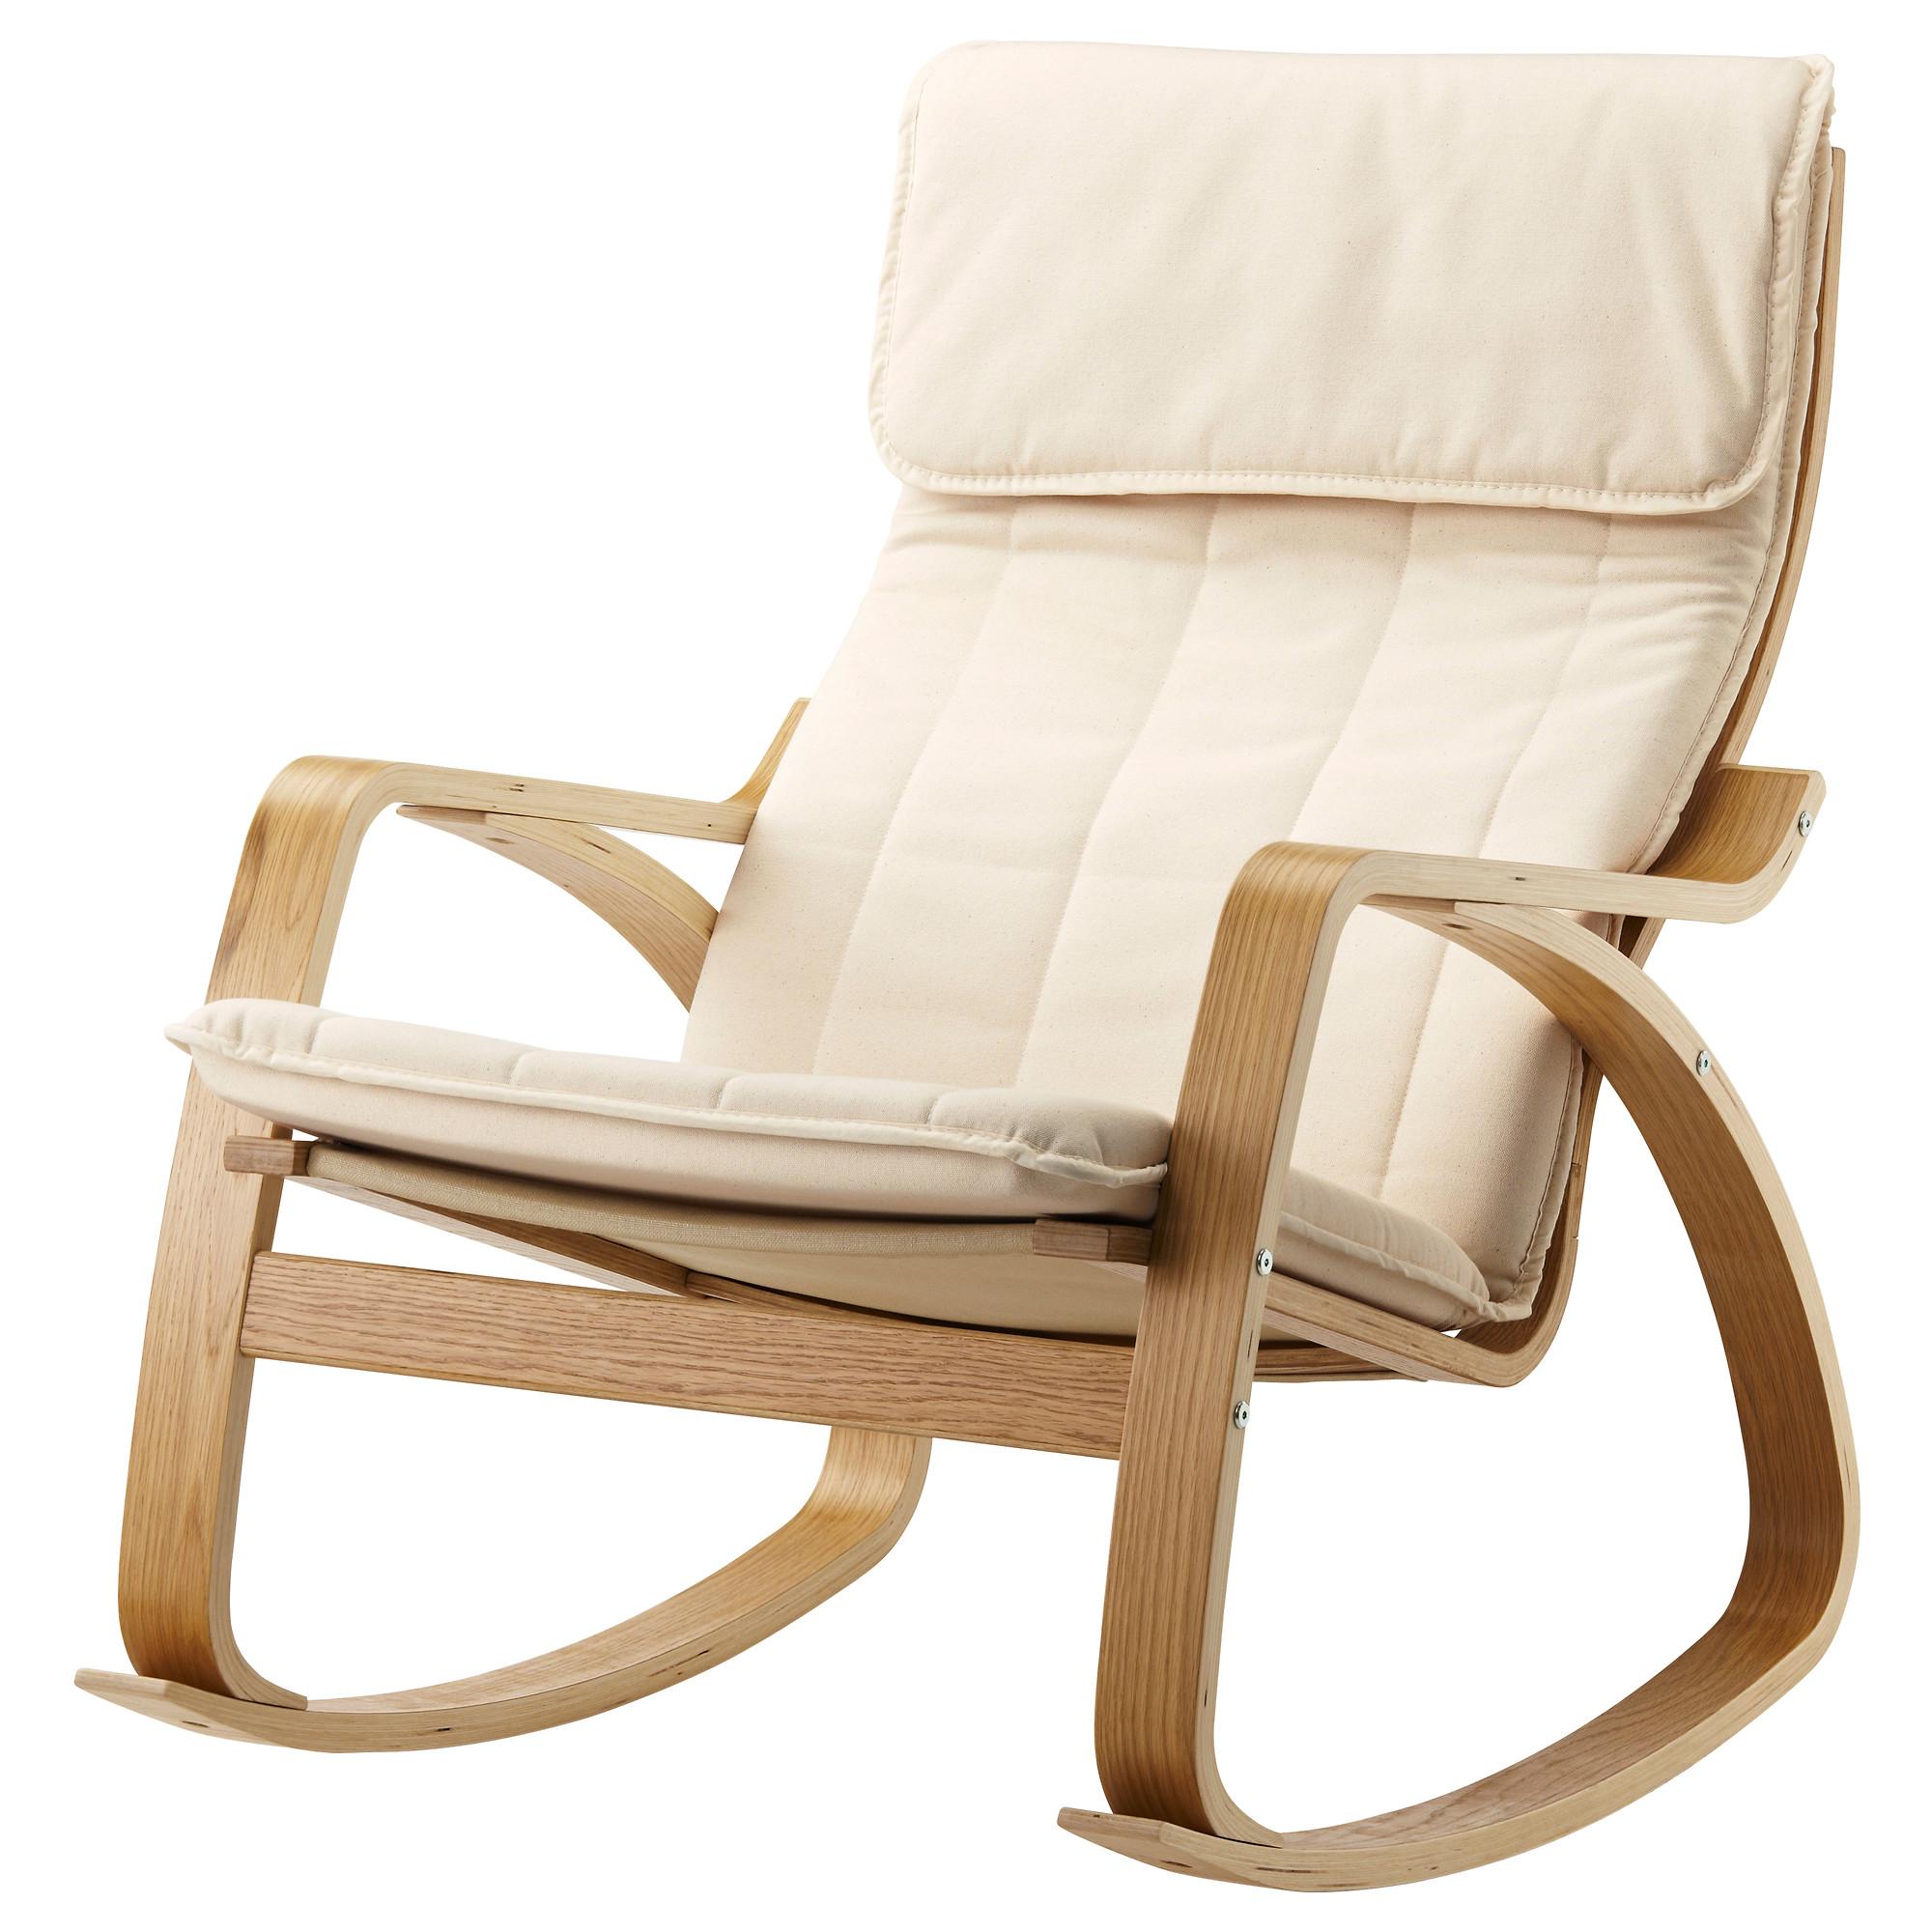 купить кресло качалка поэнг дубовый шпон ранста неокрашенный в